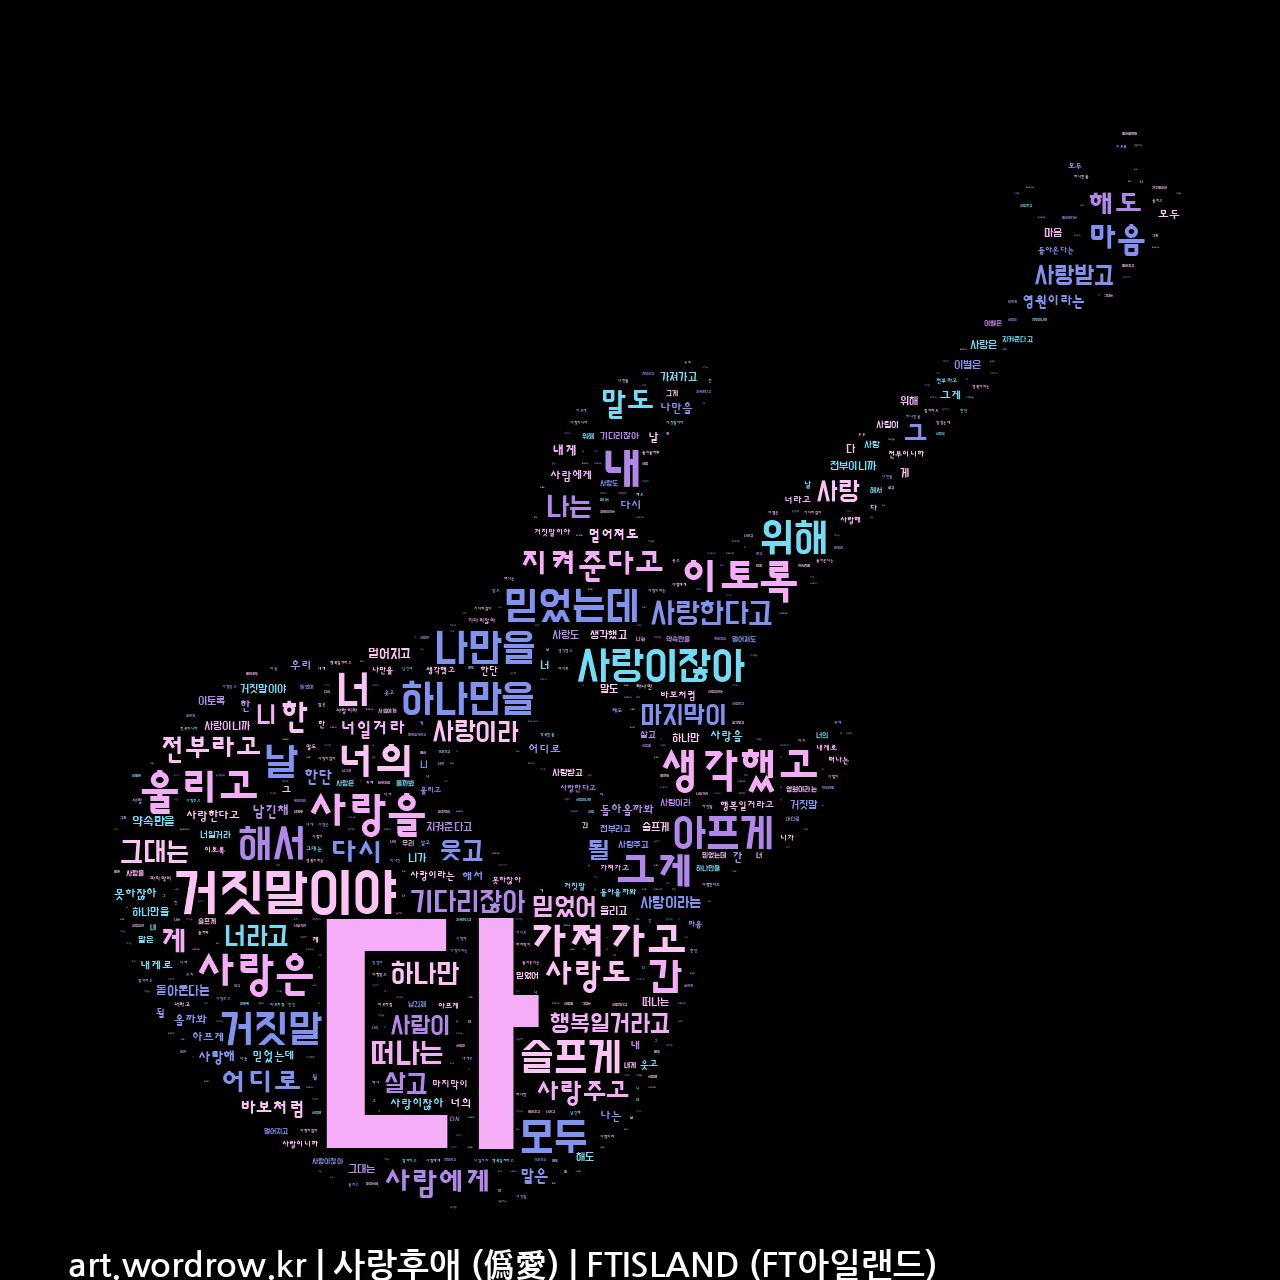 워드 아트: 사랑후애 (僞愛) [FTISLAND (FT아일랜드)]-73